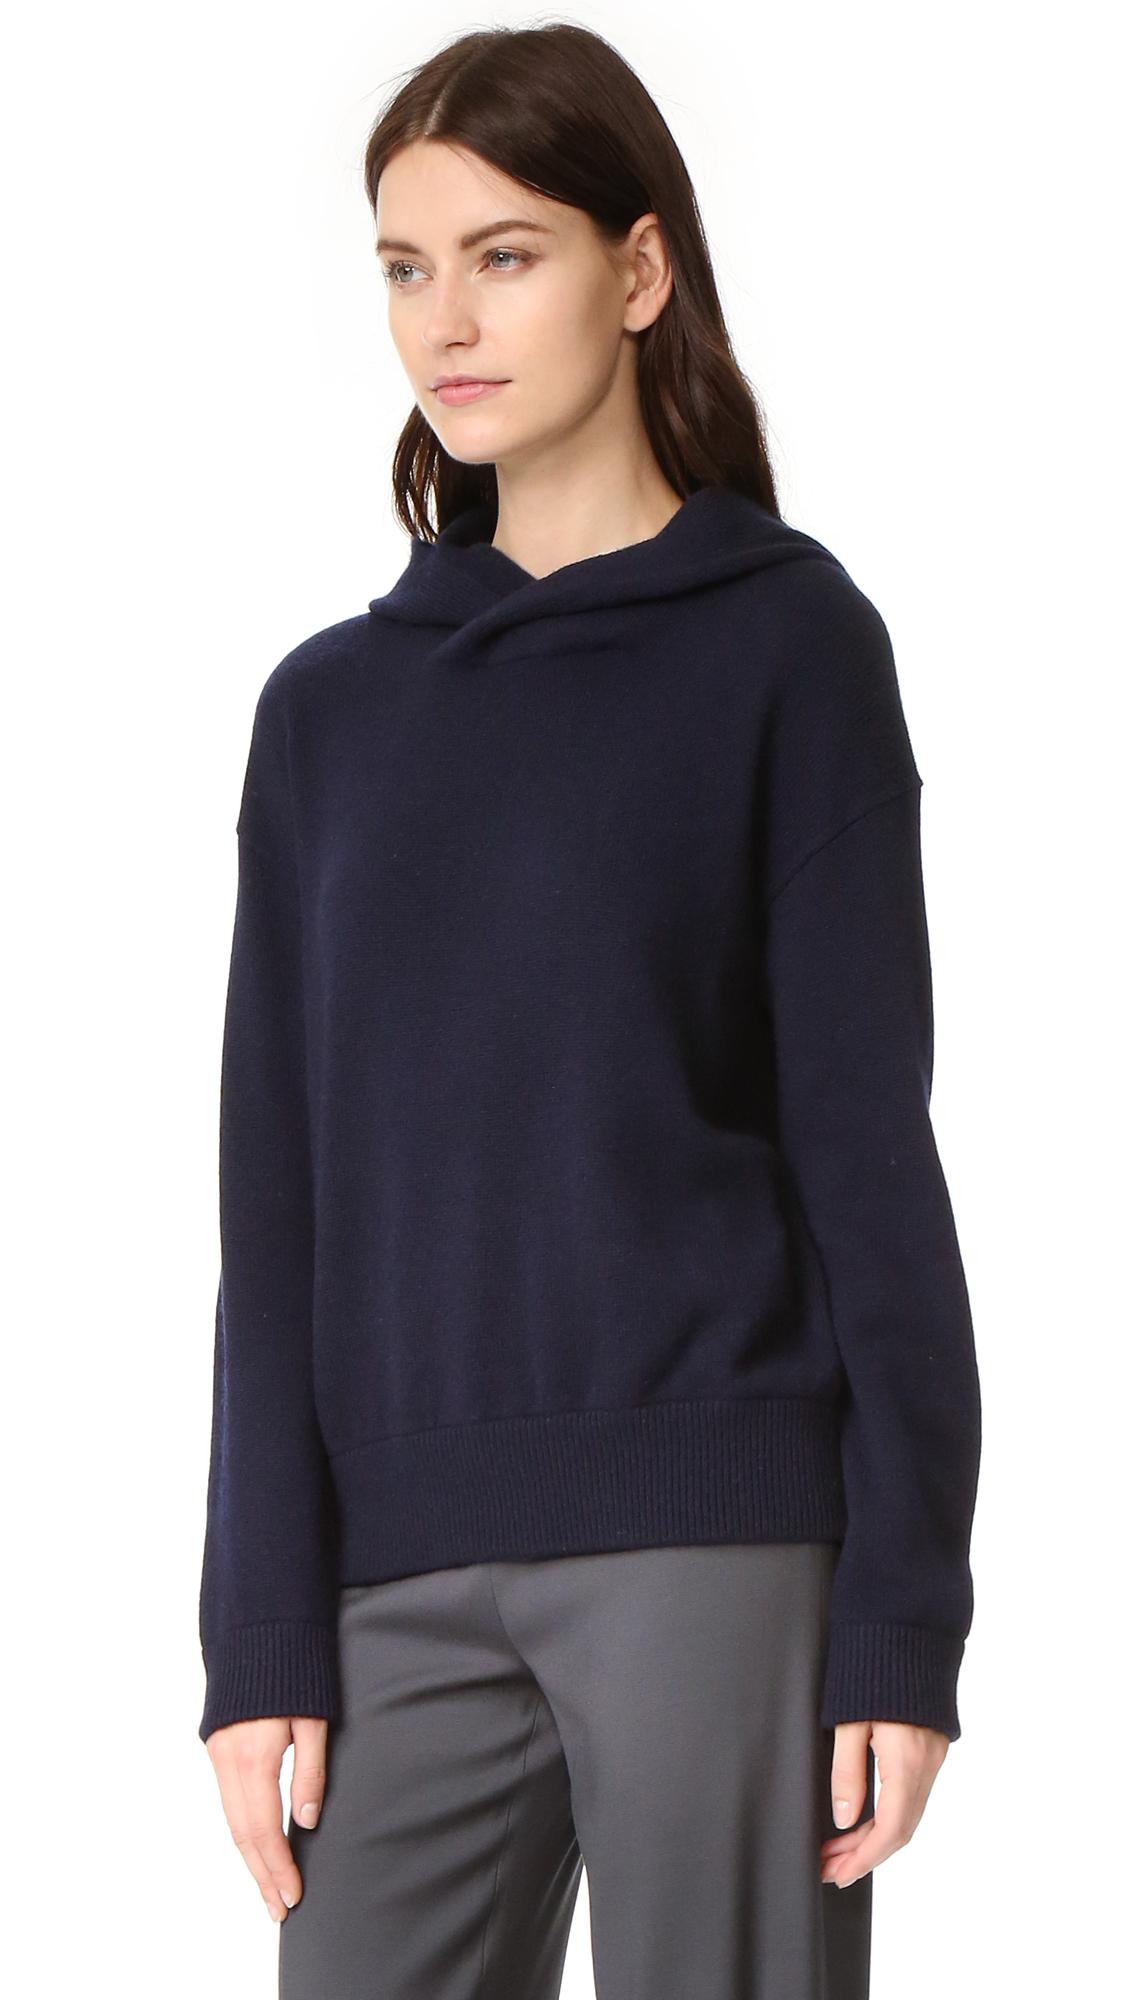 Vince Кашемировый свитер с капюшоном и перекрещенной отделкой